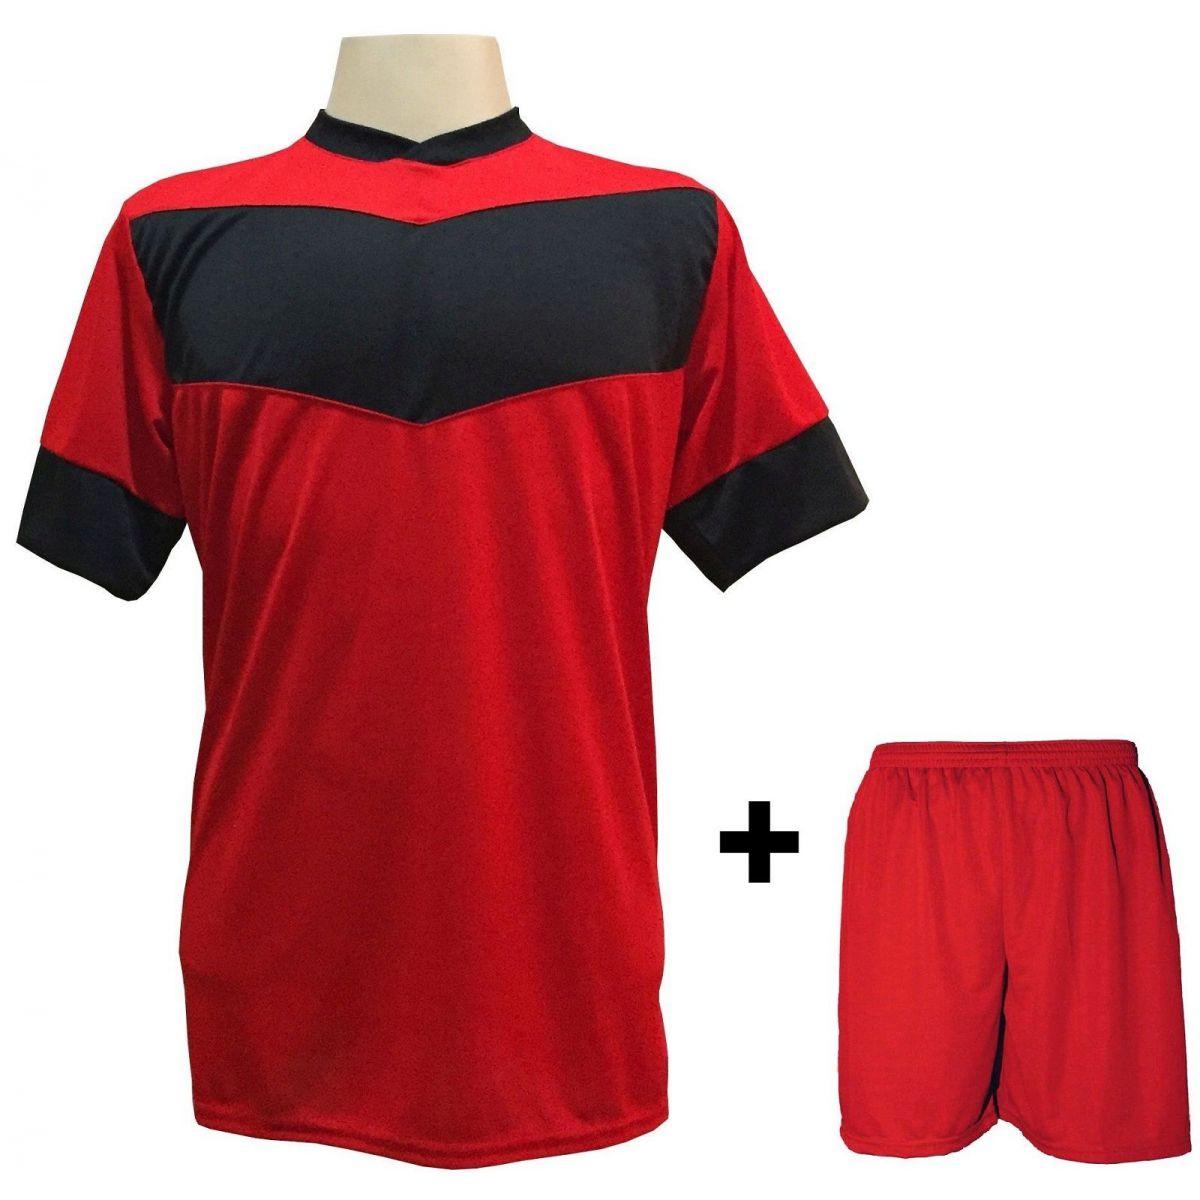 Uniforme Esportivo com 18 camisas modelo Columbus Vermelho/Preto + 18 calções modelo Madrid Vermelho + Brindes